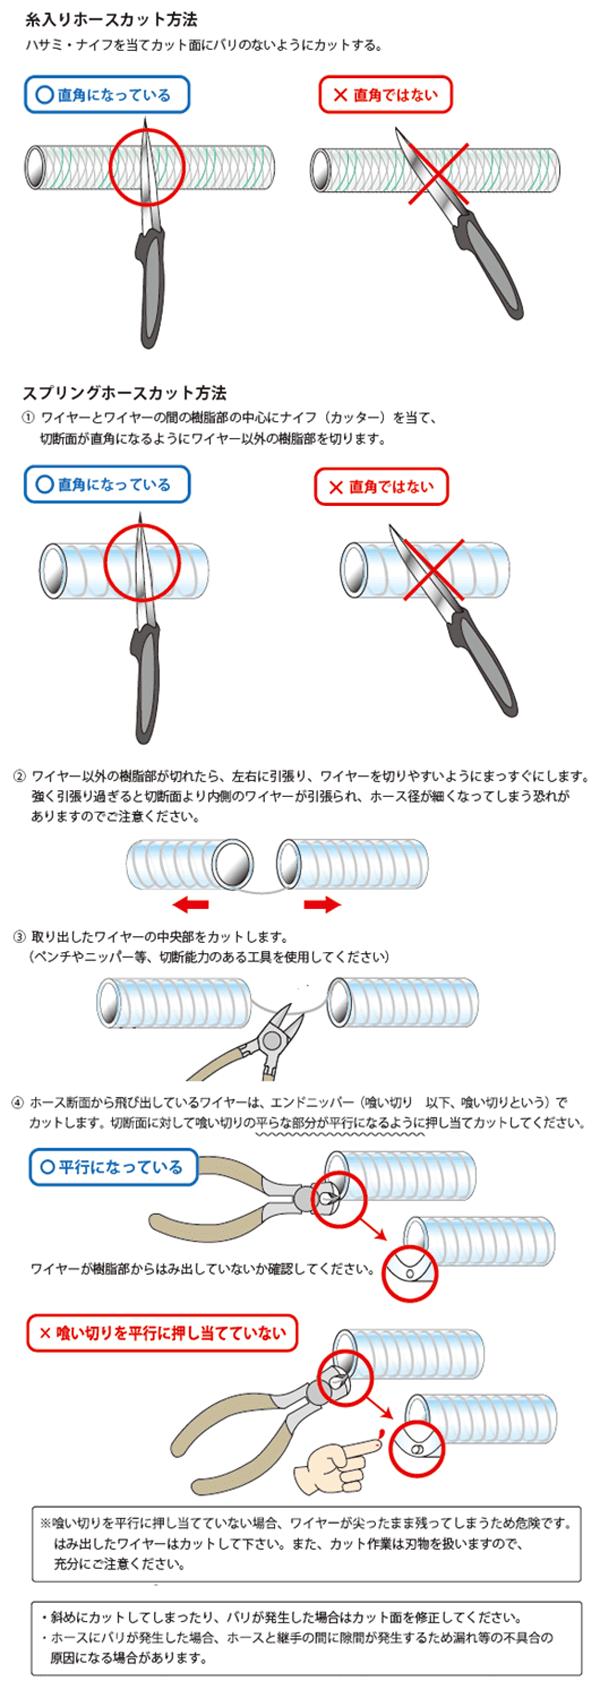 <ホースカット要領>(1)糸入りホースカット方法…ハサミ・ナイフを当てカット面にバリが出ないようにする。(2)スプリングホース カット方法…①ワイヤーとワイヤーの間の樹脂部の中心にナイフ(カッター)を当て、切断面が直角になるようにワイヤー以外の樹脂部を切り取ります。③ワイヤー以外の樹脂部が切れたら、左右に引張り、ワイヤーを切りやすいようにまっすぐにします。強く引っ張りすぎると切断面より内側のワイヤーが引っ張られ、ホース径が細くなってしまう恐れがありますのでご注意ください。③取り出したワイヤーの中央部をカットします。(ペンチやニッパー等、切断能力のある工具を使用してください)④ホース断面から飛び出しているワイヤーは、エンドニッパー(喰い切り)でカットします。切断面に対して喰い切りの平らな部分が平行になるように押し当ててカットしてください。ワイヤーが樹脂部からはみ出していないか確認してください。 <注意事項>※斜めにカットしてしまったり、バリが発生した場合はカット面を修正してください。ホースにバリが発生した場合、ホースと継手の間に隙間が発生するため漏れなどの不具合の原因になることがあります。喰い切りを平行に押し当てていない場合、ワイヤーが尖ったまま残ってしまうため危険です。はみだしたワイヤーはカットしてください。また、カット作業は刃物を扱いますので、十分にご注意ください。